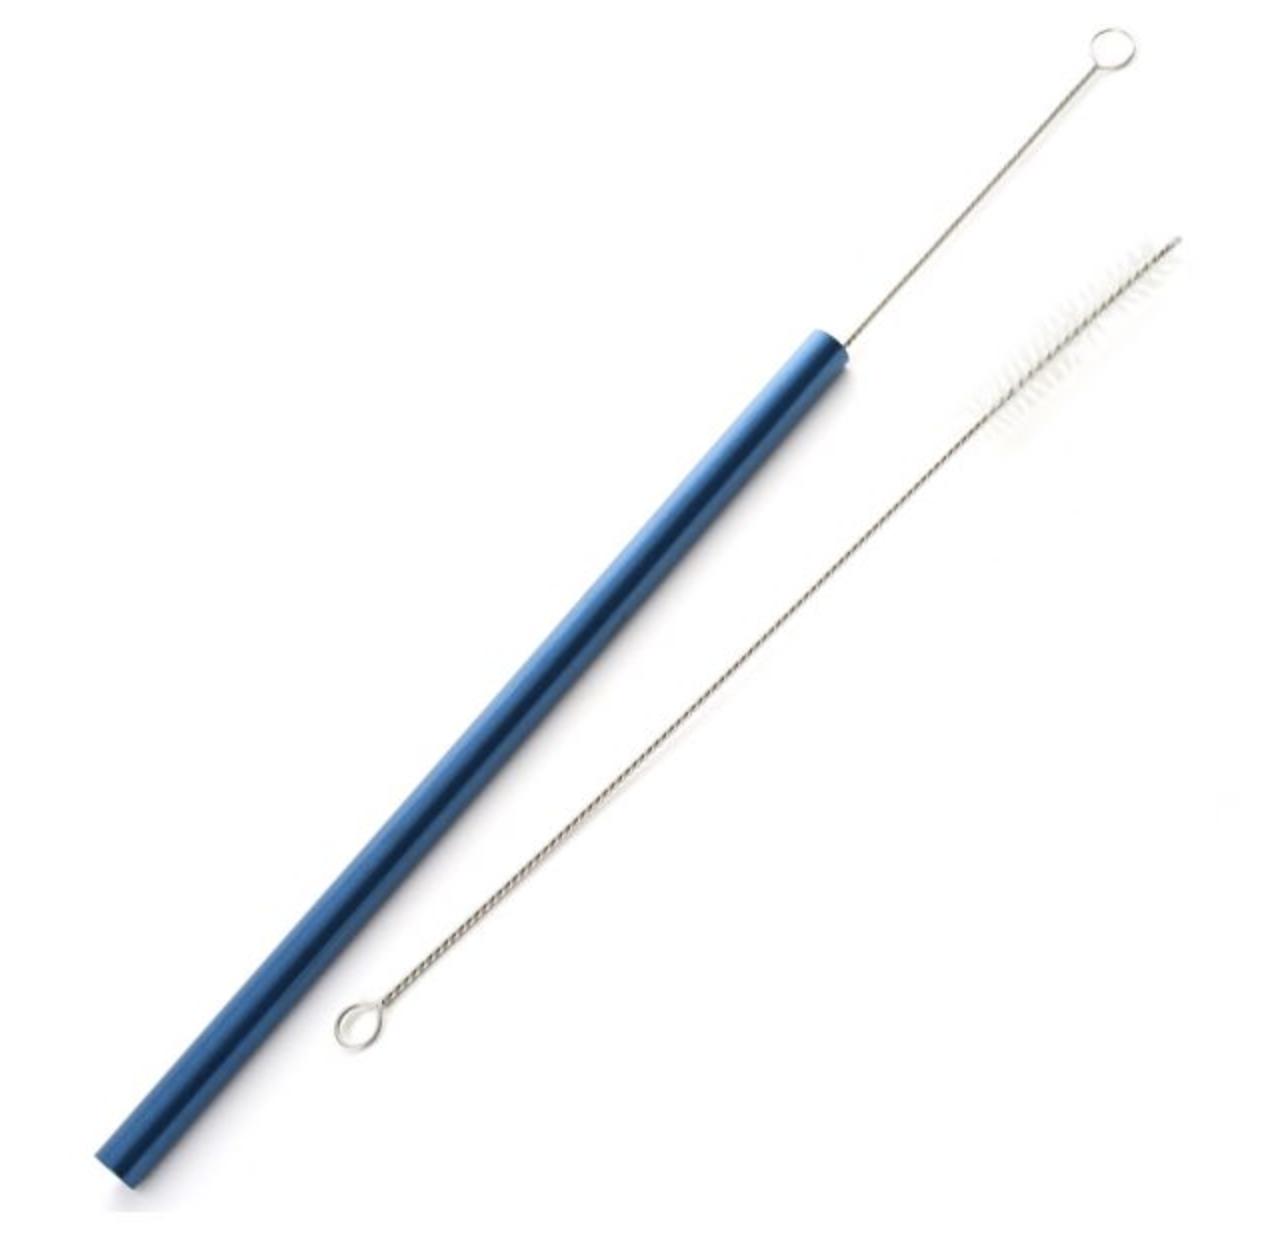 Metallic Smoothie Straws